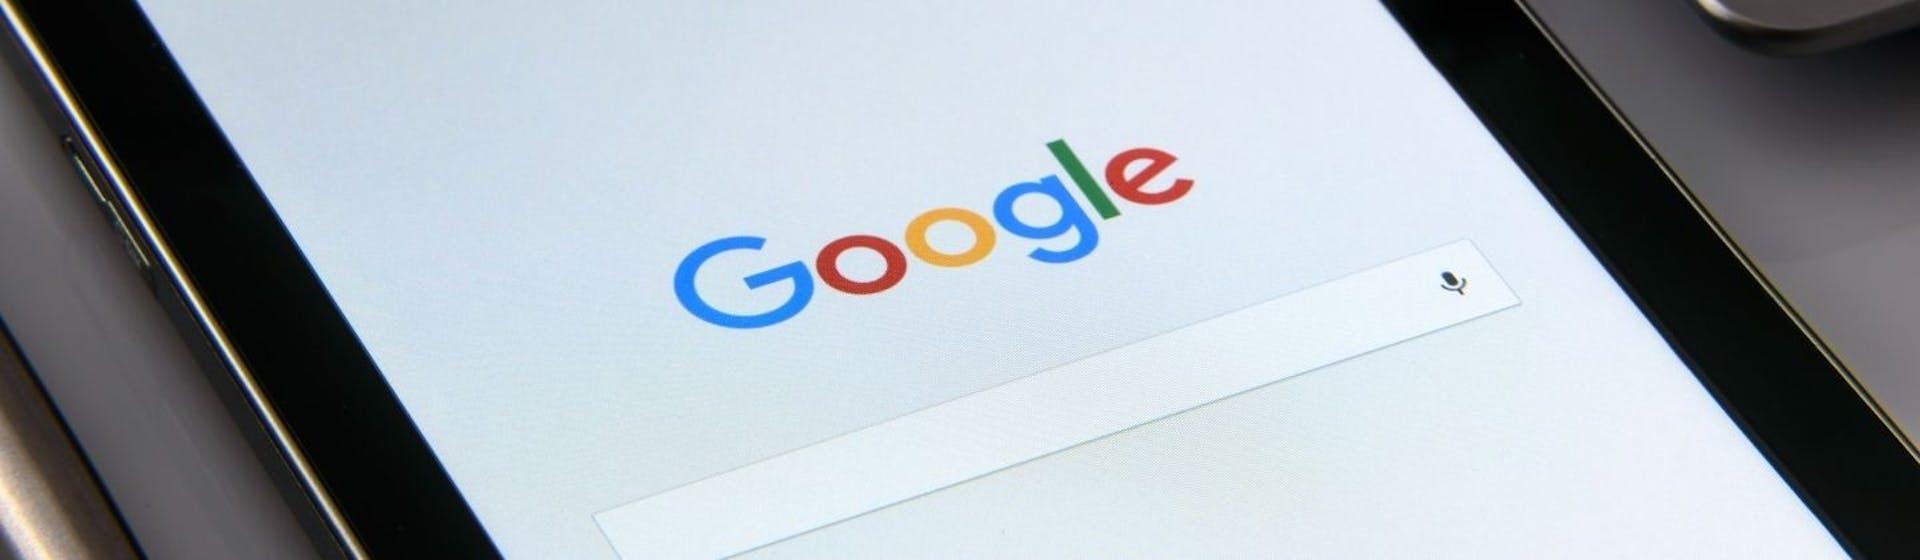 Panguin Tool: Descubre si tu sitio web fue penalizado por Google